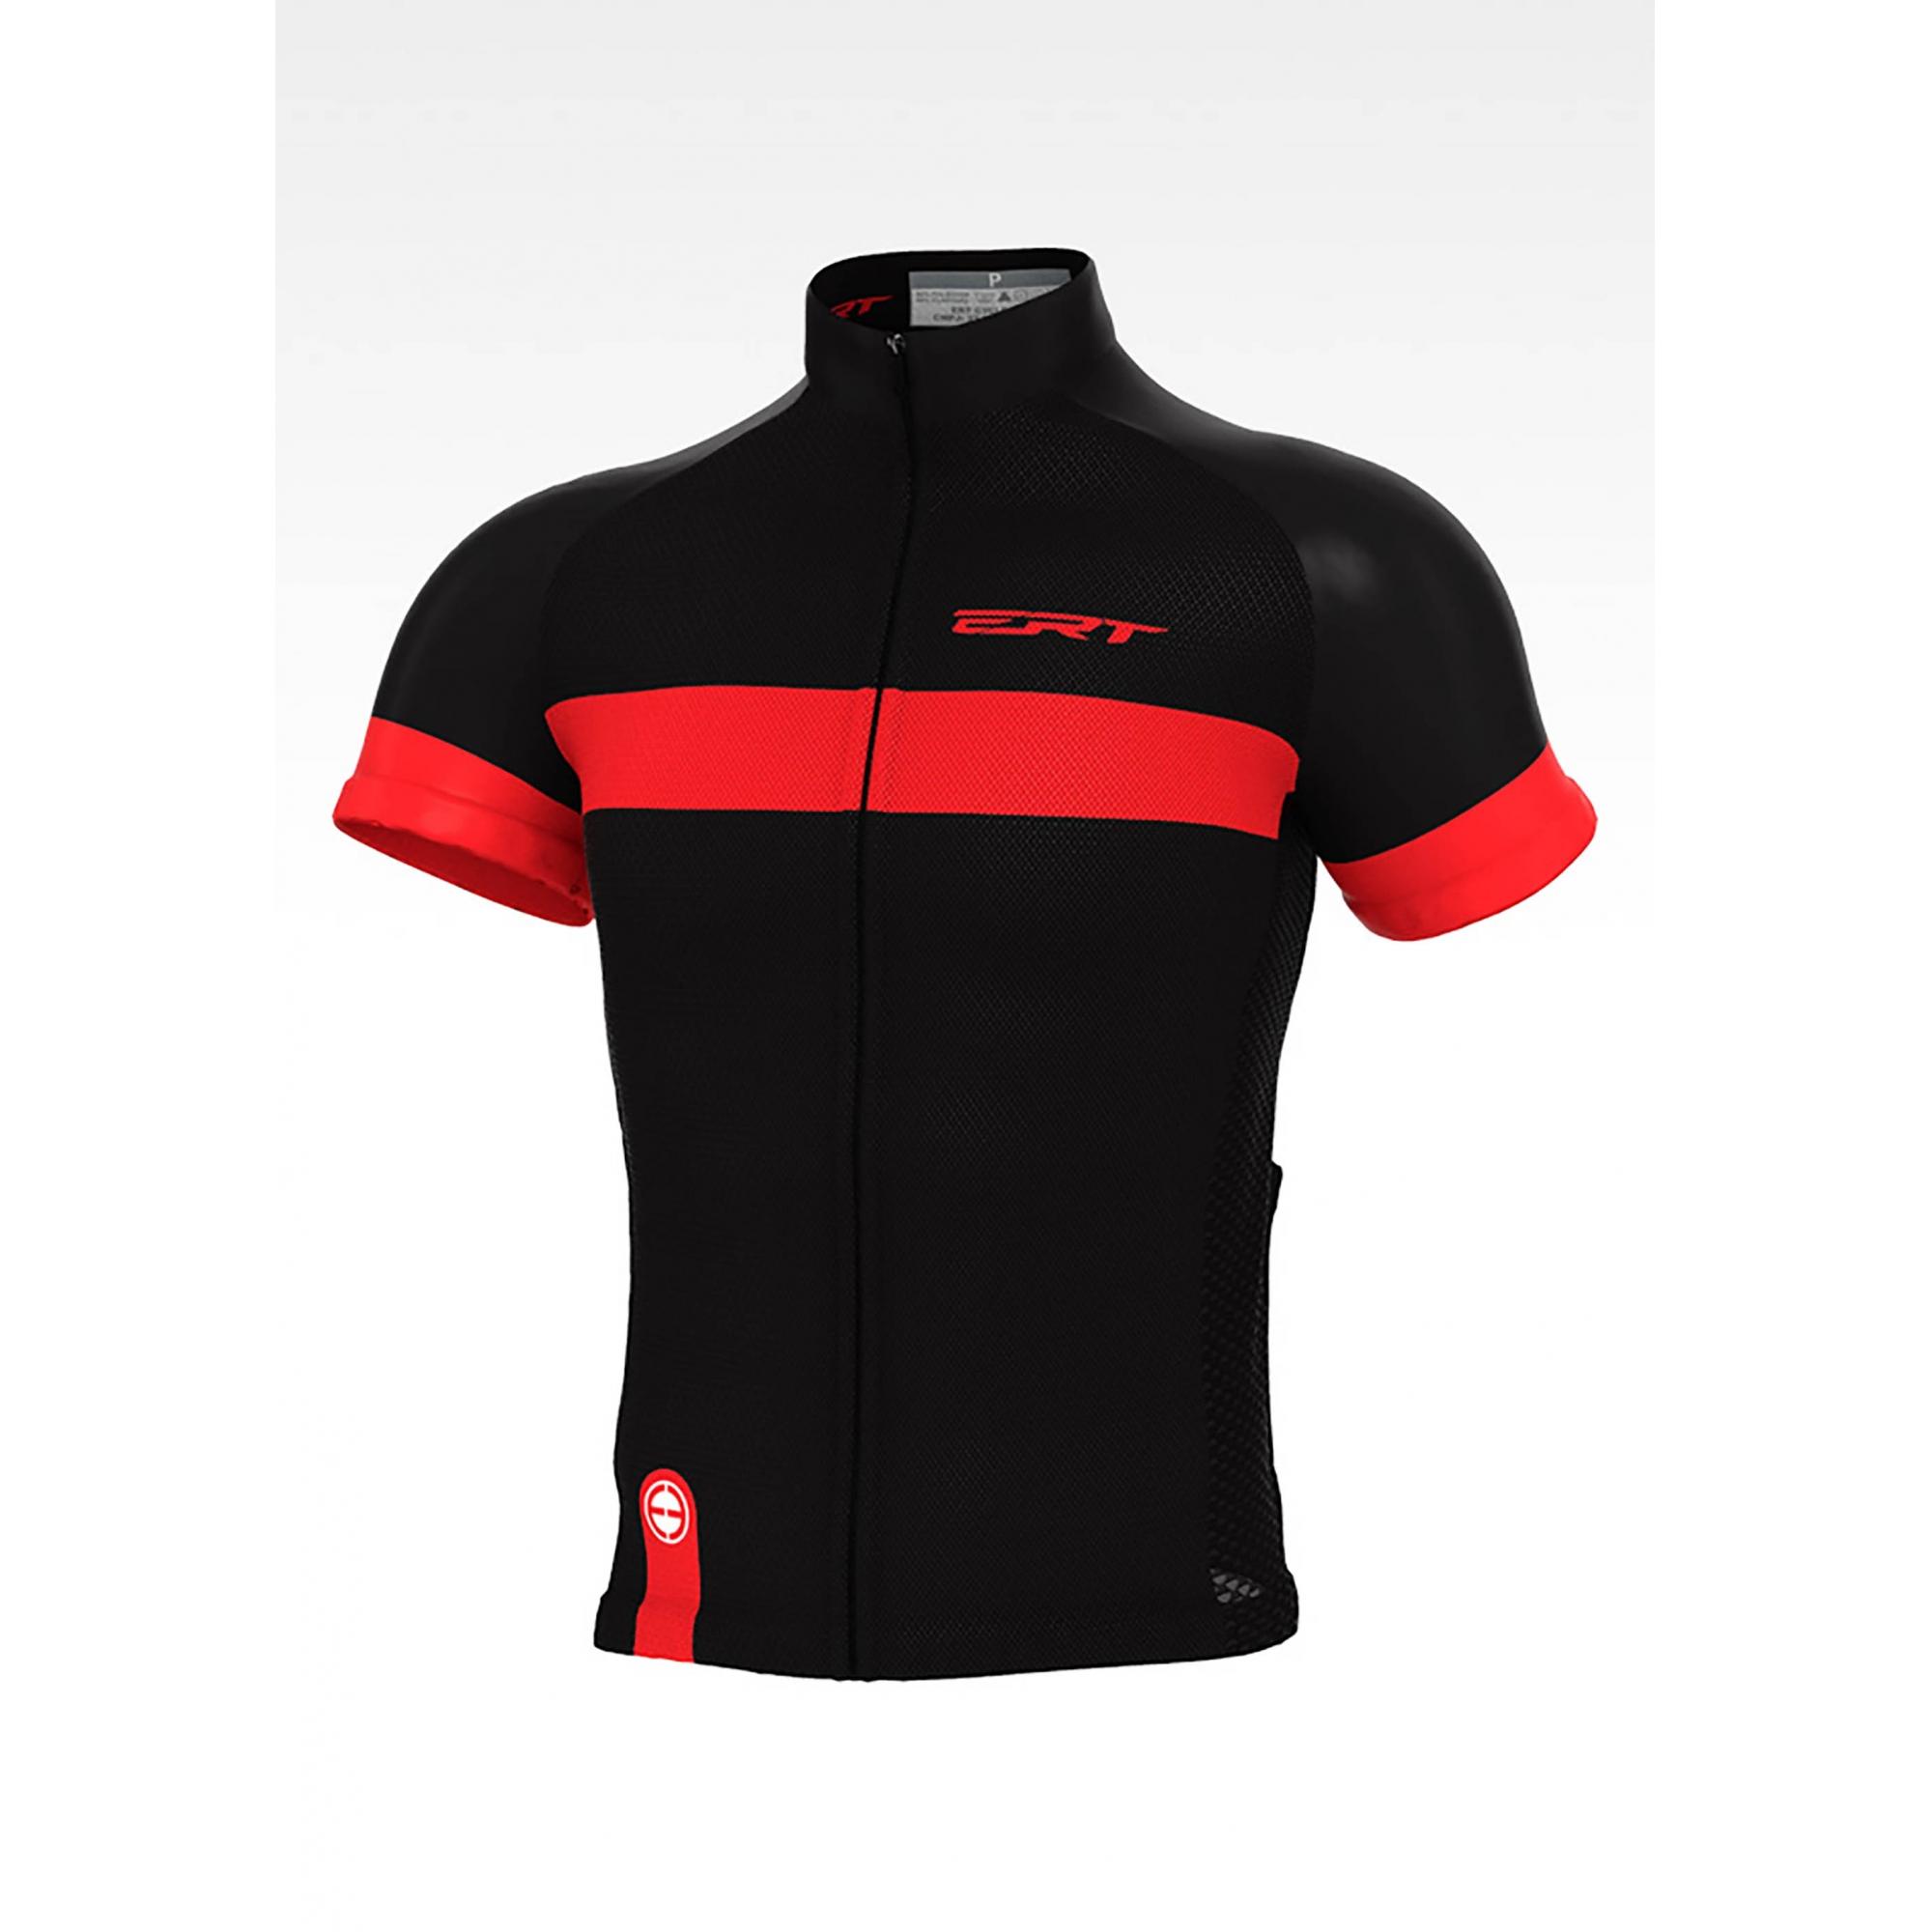 Camisa Ciclismo Nova Tour Strip Black Red - ERT